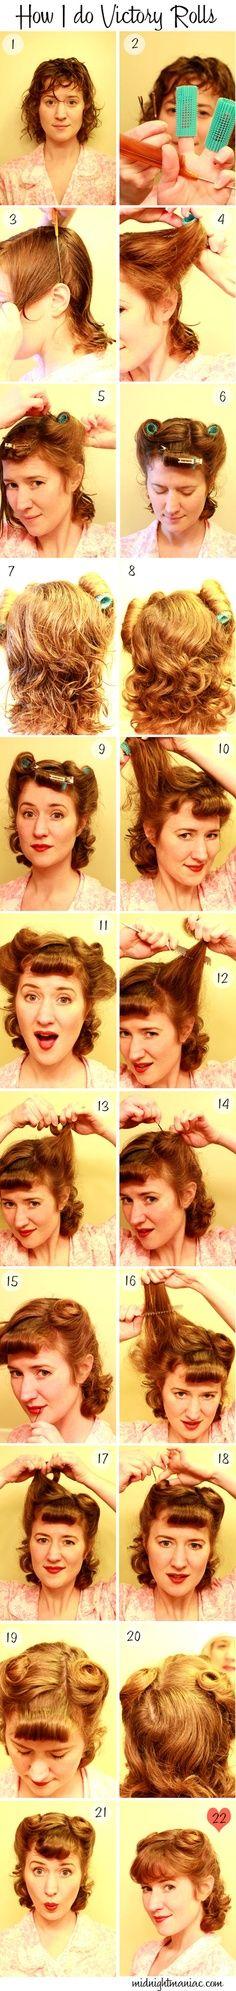 1950's vintage hair.